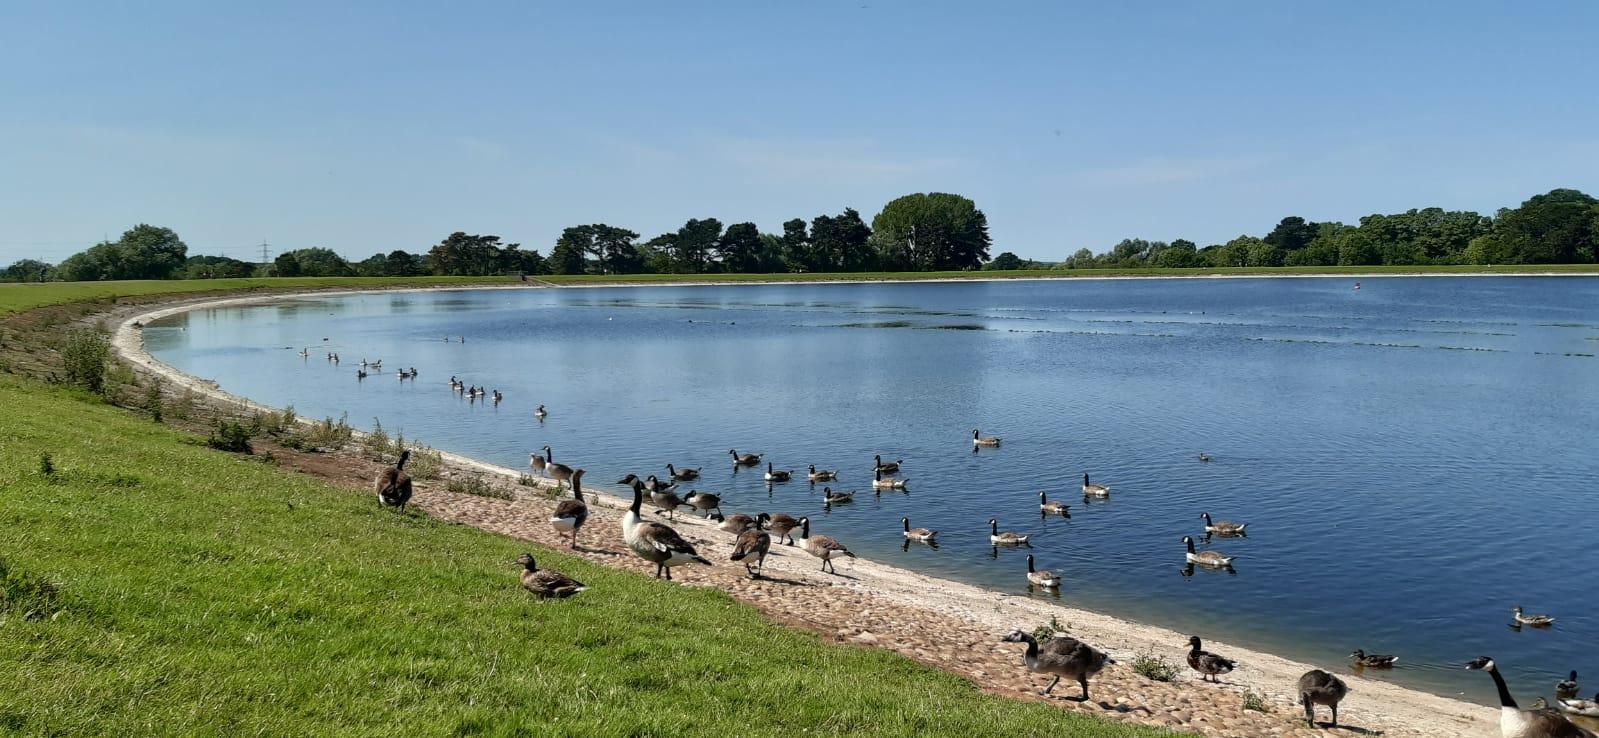 Shustoke Reservoirs